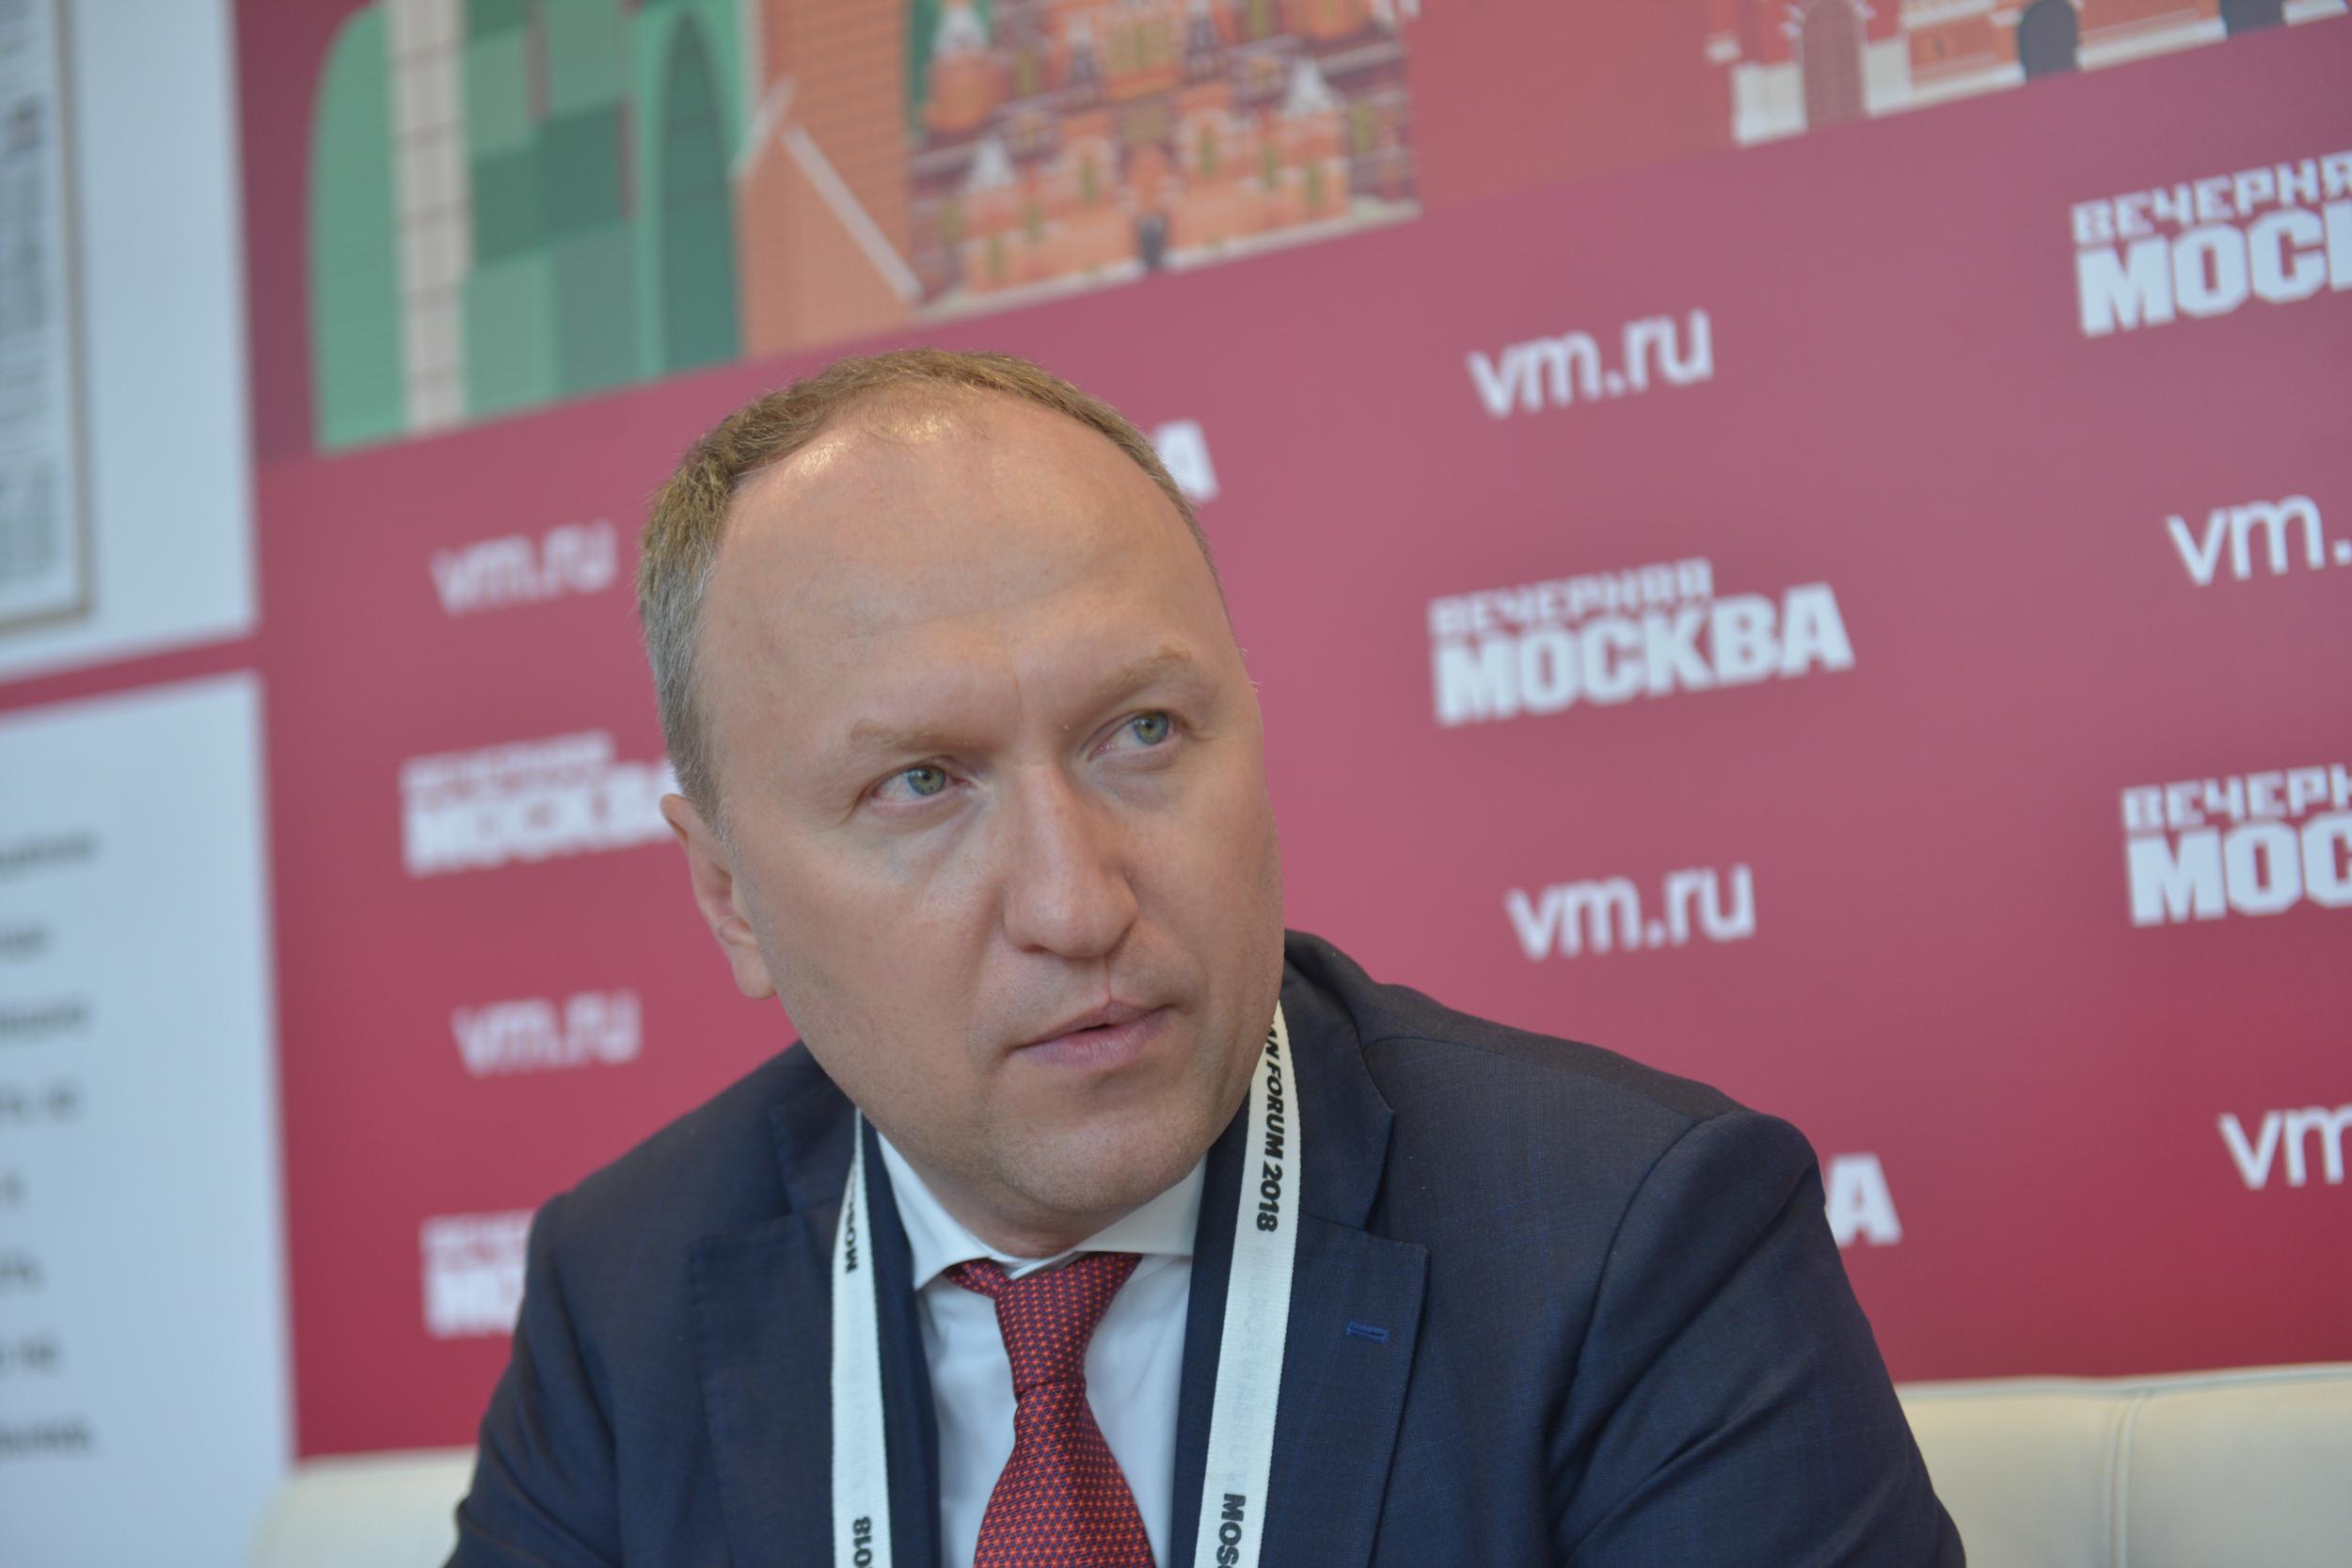 Строительная отрасль Москвы стимулирует экономику половины регионов России